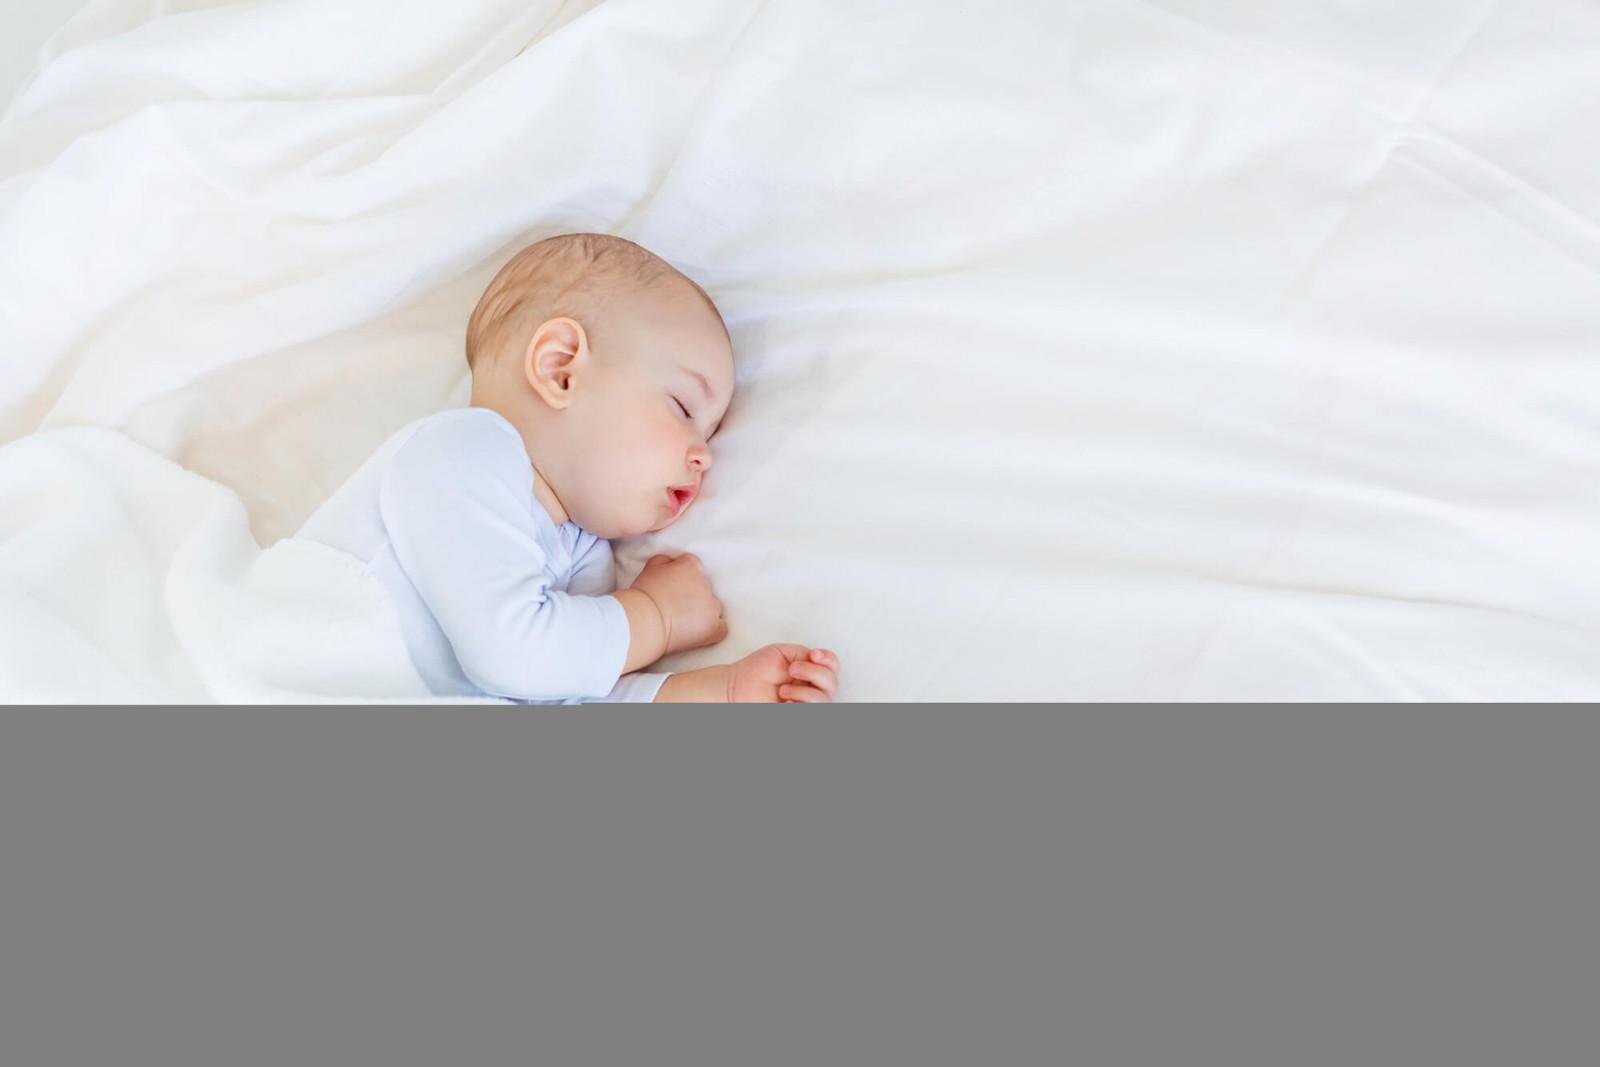 做泰国试管婴儿要双胞胎价格会更贵吗